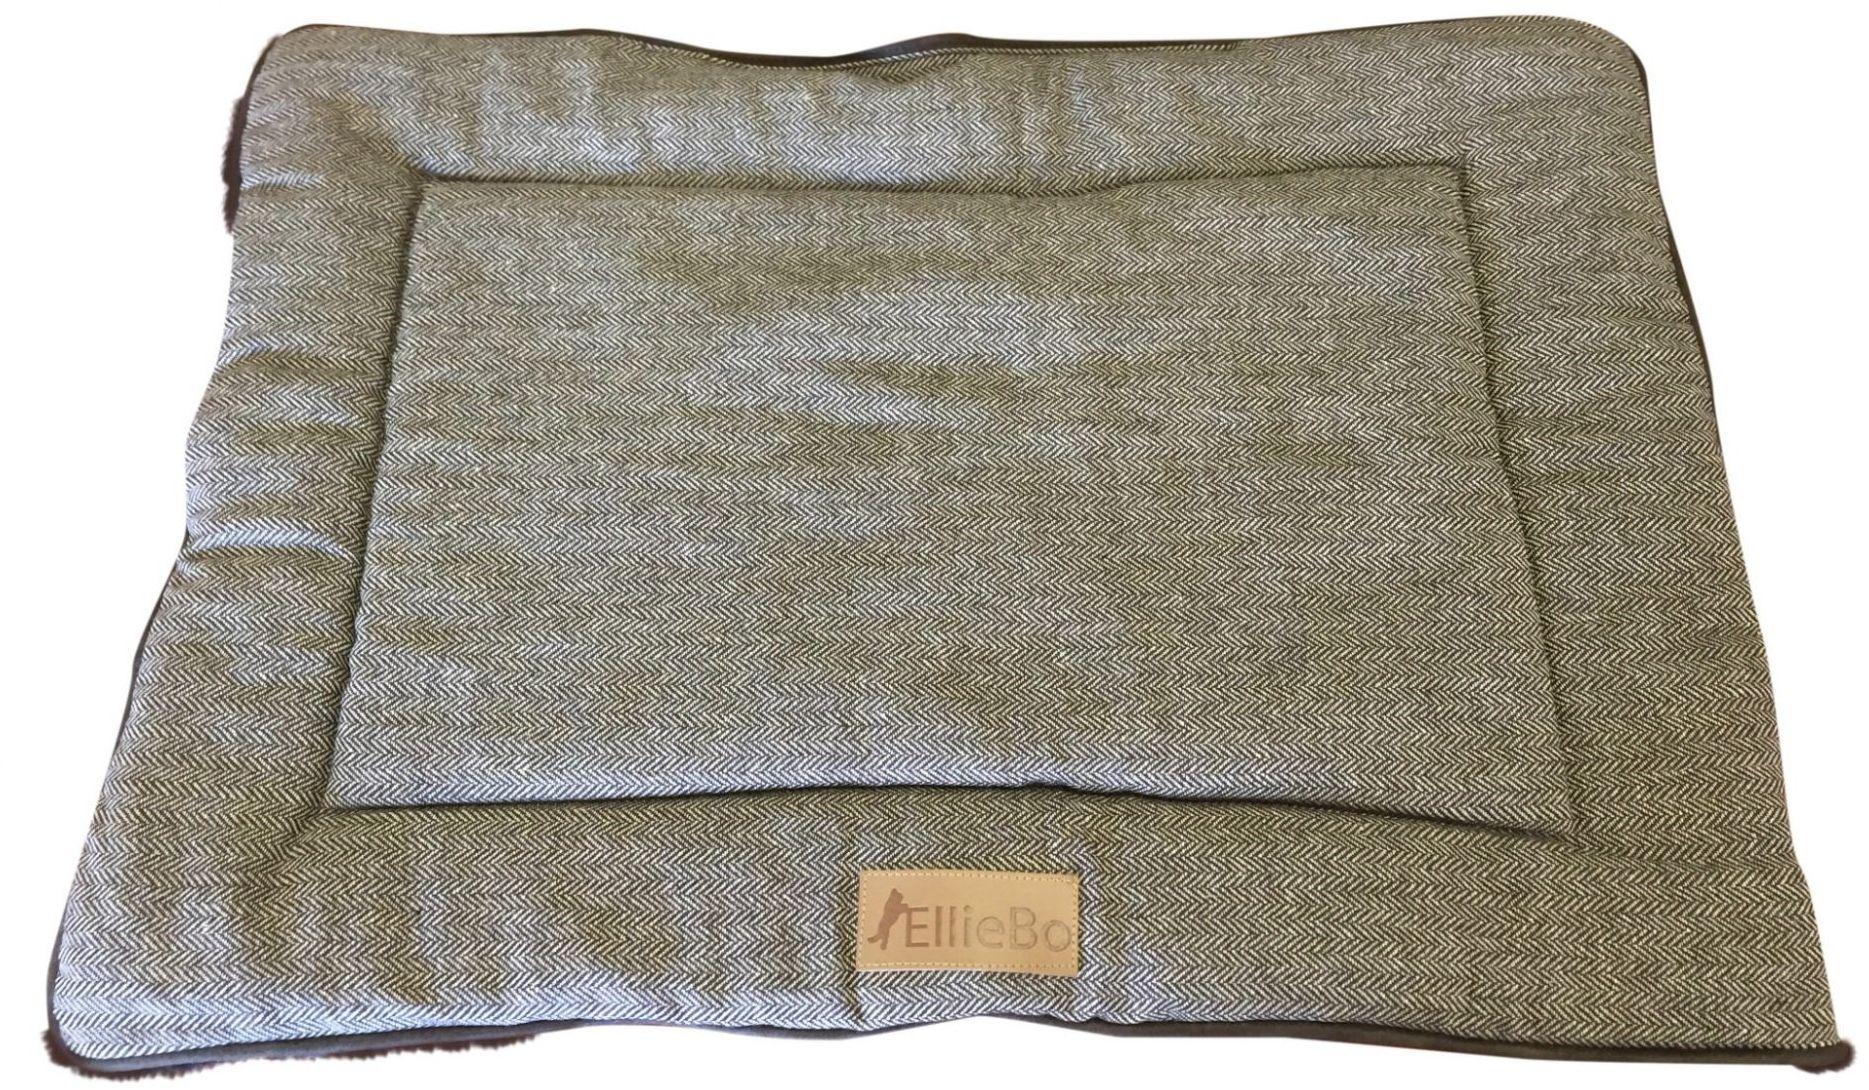 Ellie-Bo Dwustronna tweed i brązowa mata ze sztucznego futra łóżko dla średnich 76 cm klatek i skrzynek dla psa szczeniaka